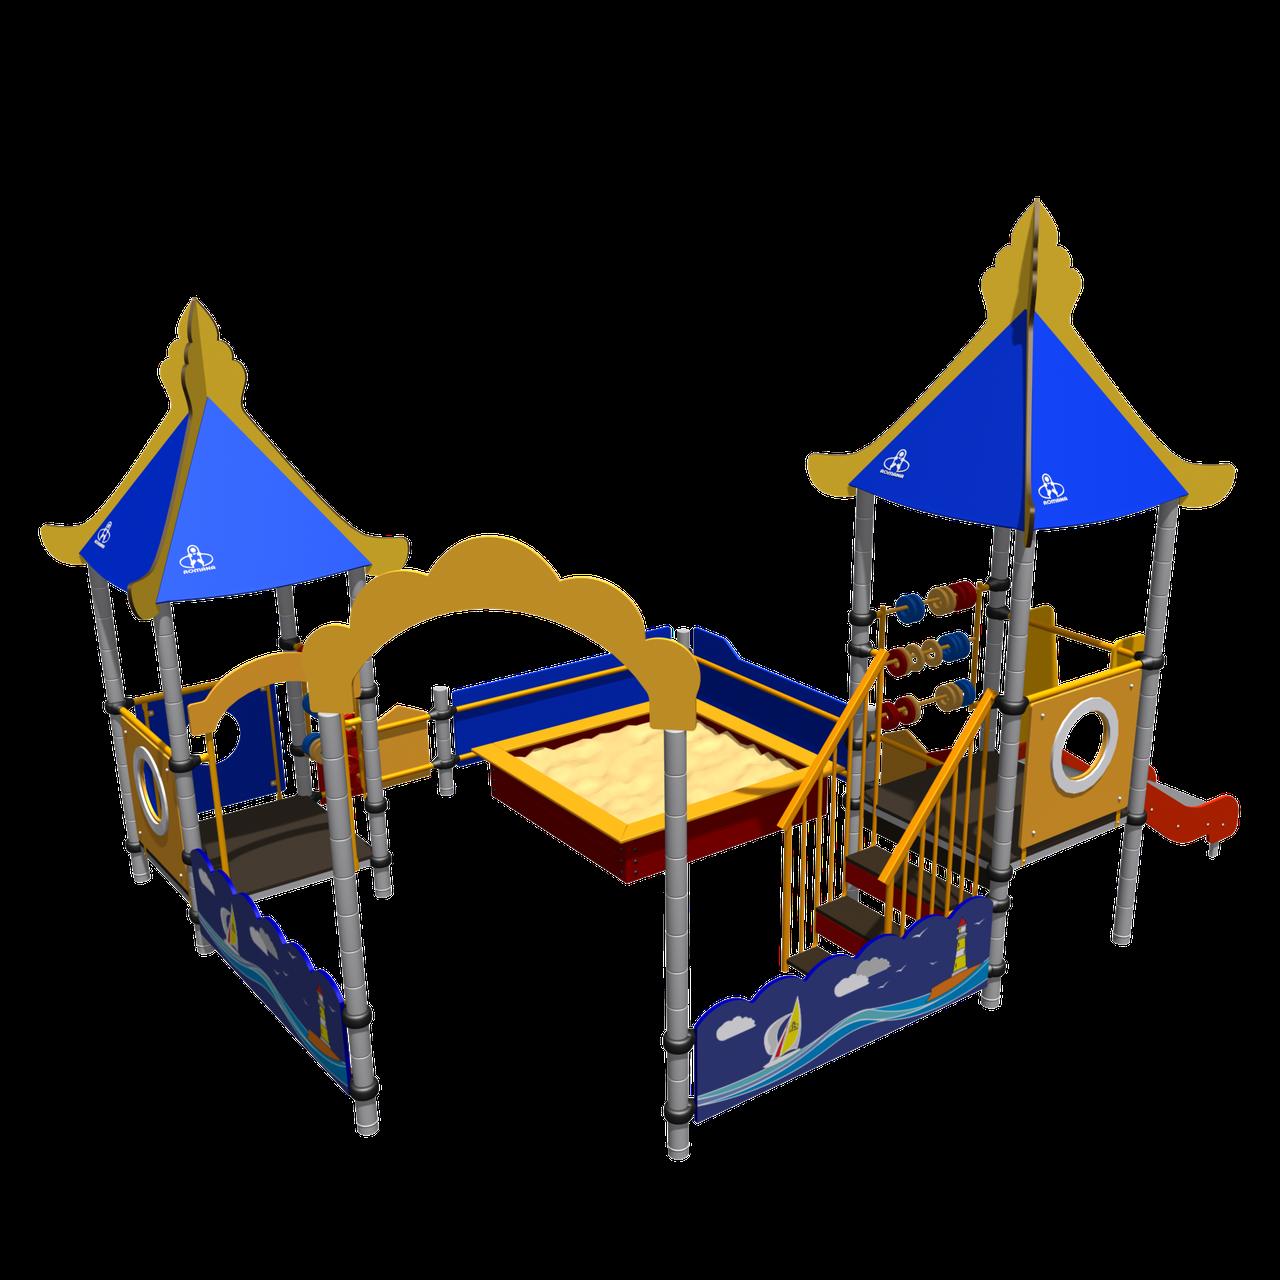 Песочный дворик «Море» Romana, песочница, счёты, горка, игровые башни